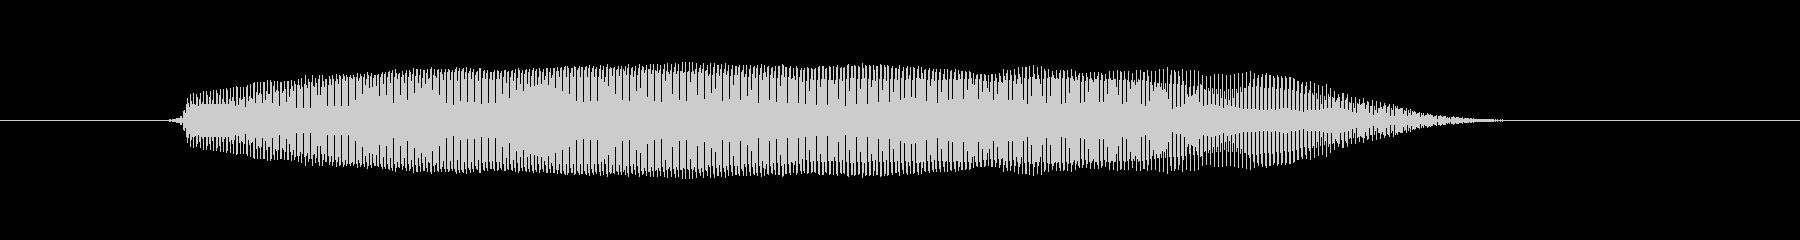 あー の未再生の波形